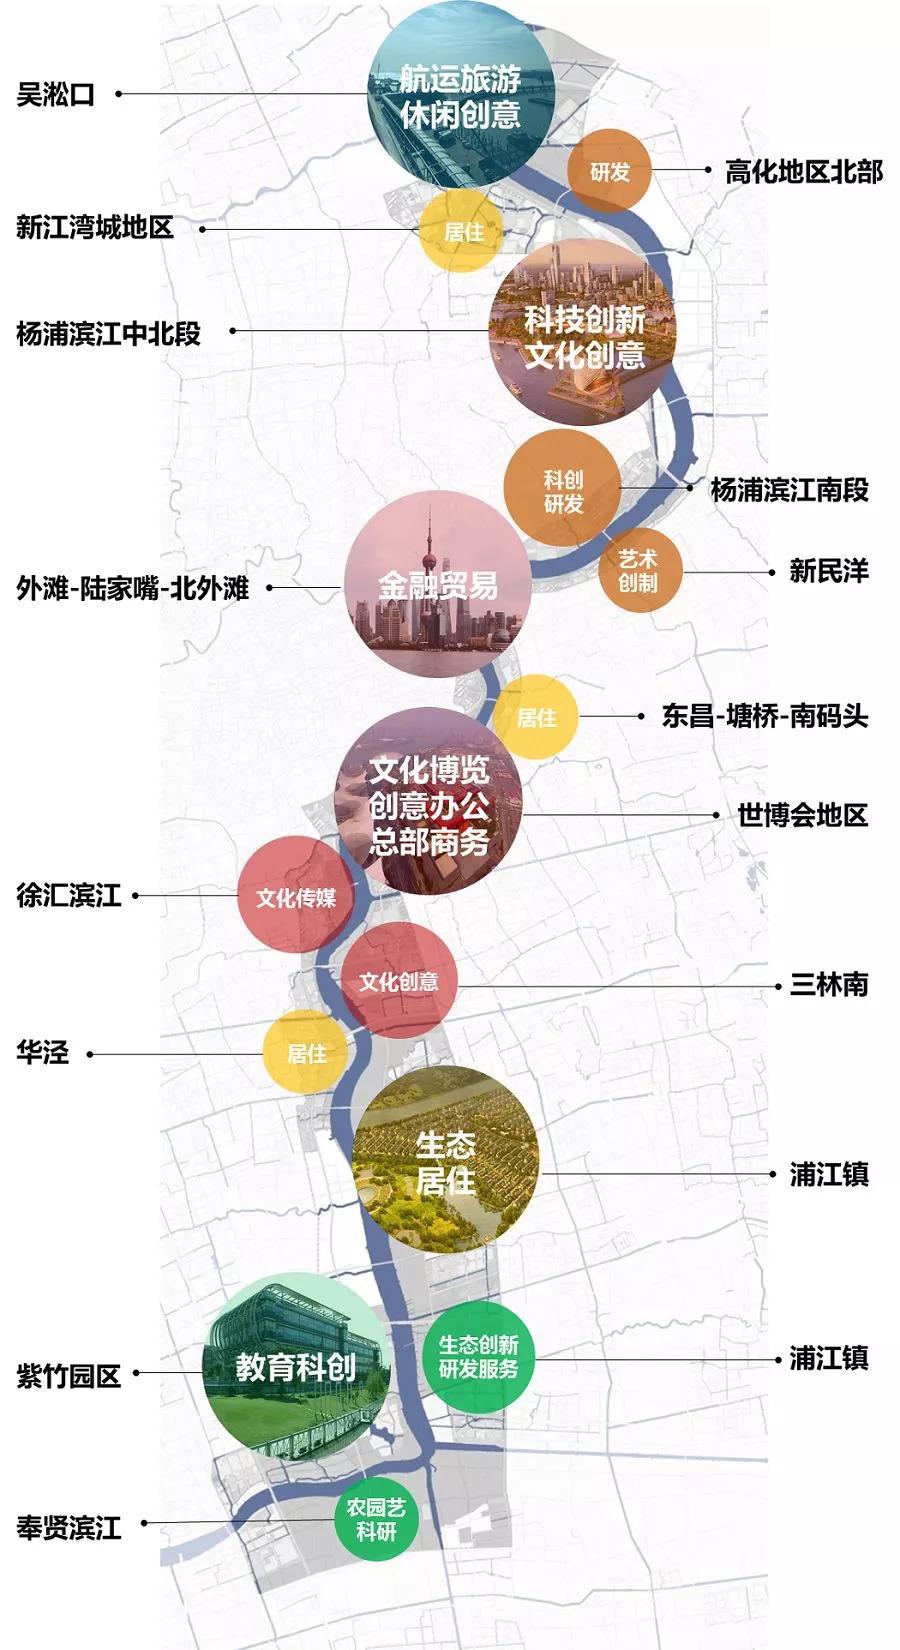 重磅!《黄浦江、苏州河沿岸地区建设规划》开始征求意见了!